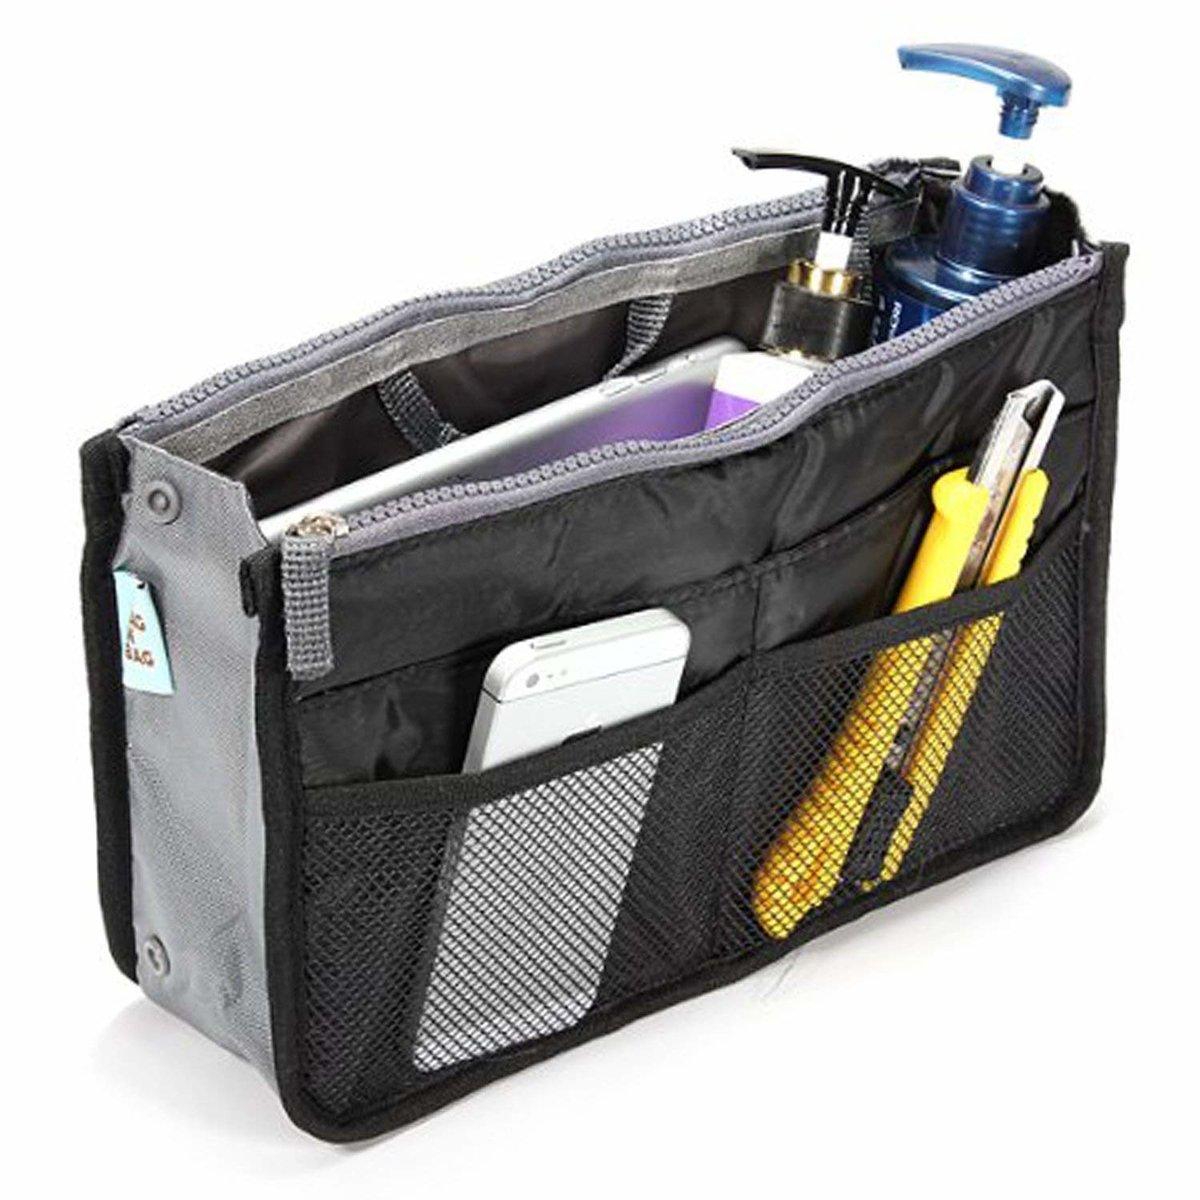 8e546af4797b BlueBeach | Handbag Pouch Bag in Bag Organiser Insert Organizer Tidy ...